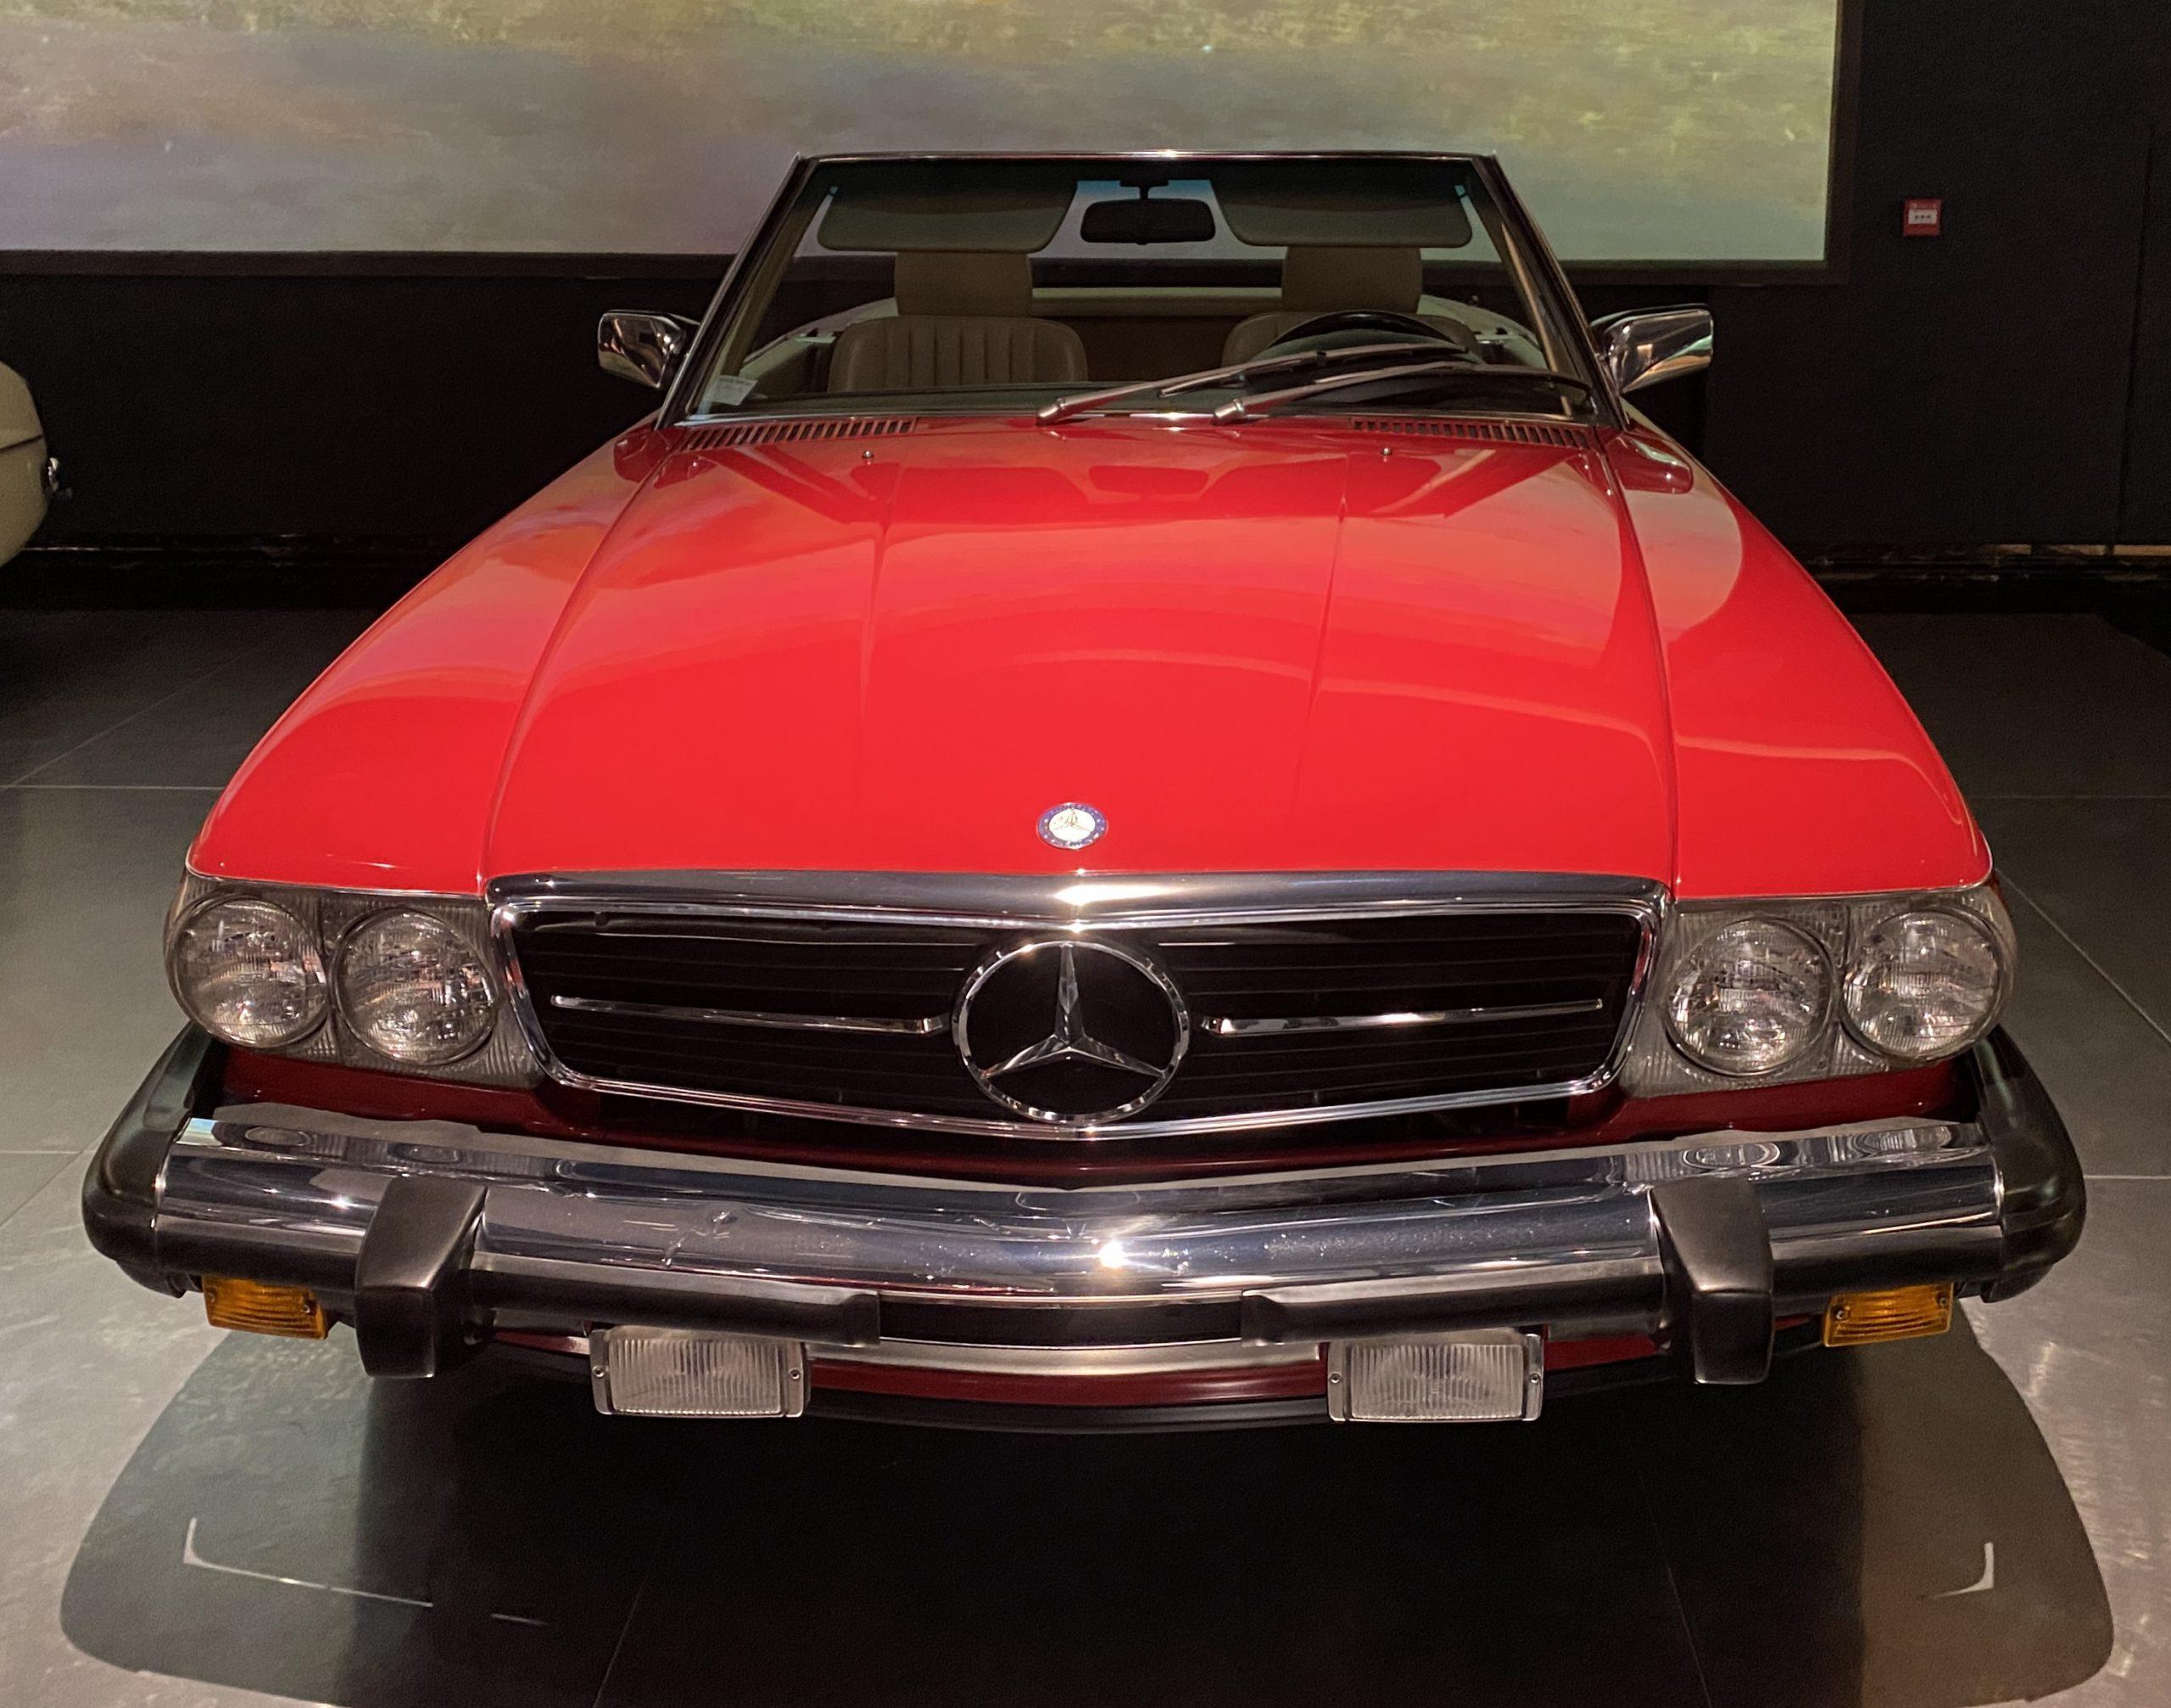 1989メルセデスベンツ560SL-1989 Mercedes Bens 560SL-常設展-三和老爺車博物館-成都市-四川省